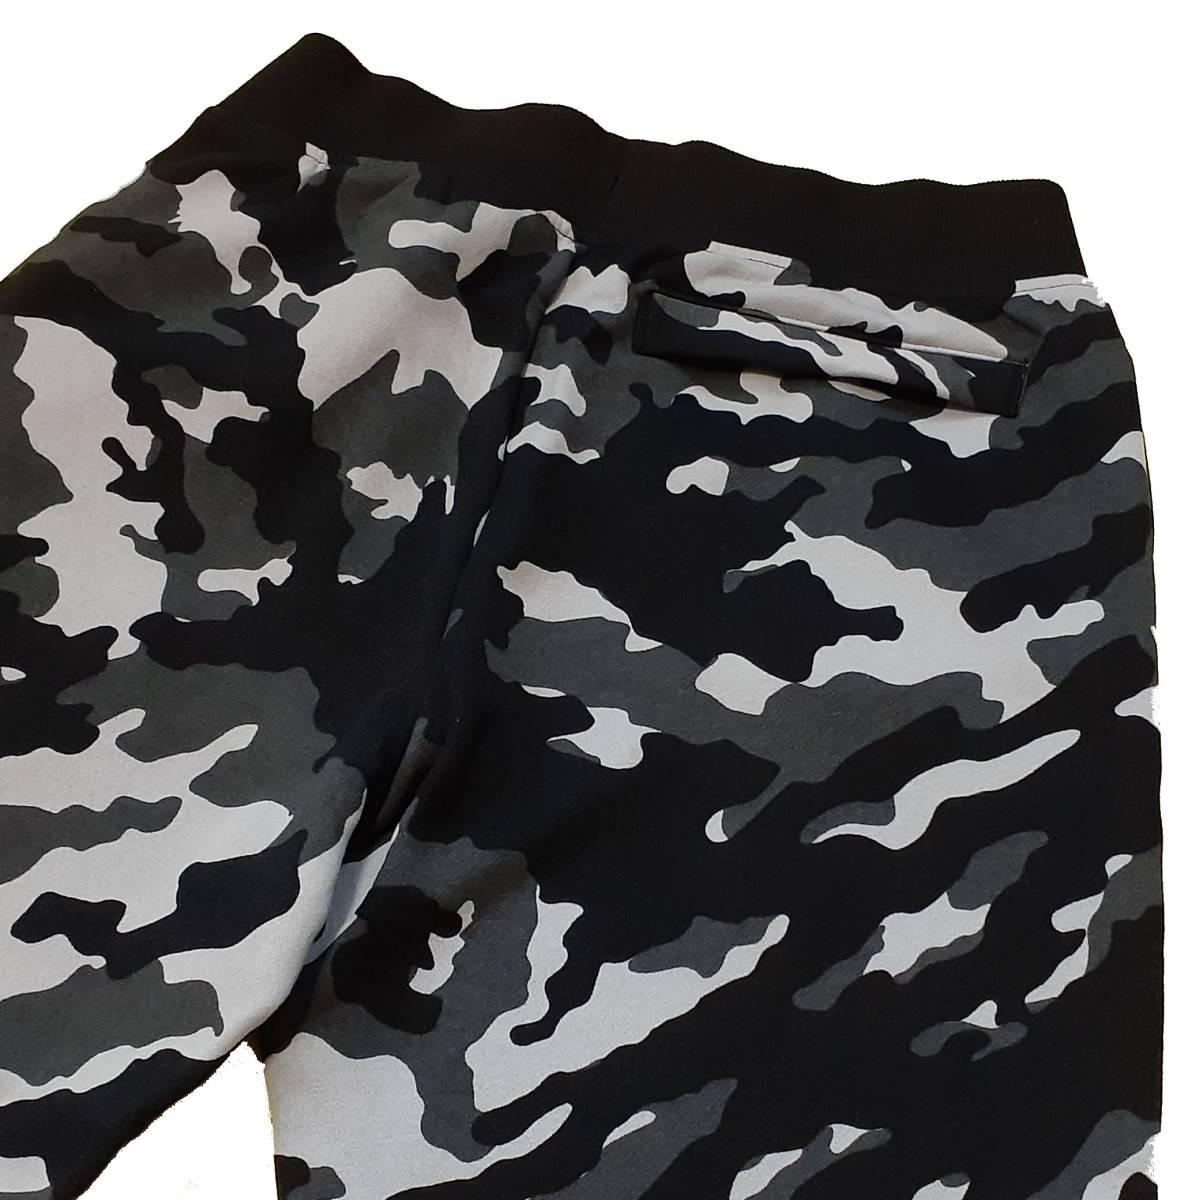 UA アンダーアーマー カモ ライバルフリース パーカー フーディー ジャケット+ ジョガー パンツ 上下セット/メンズ/新品/XL_画像6